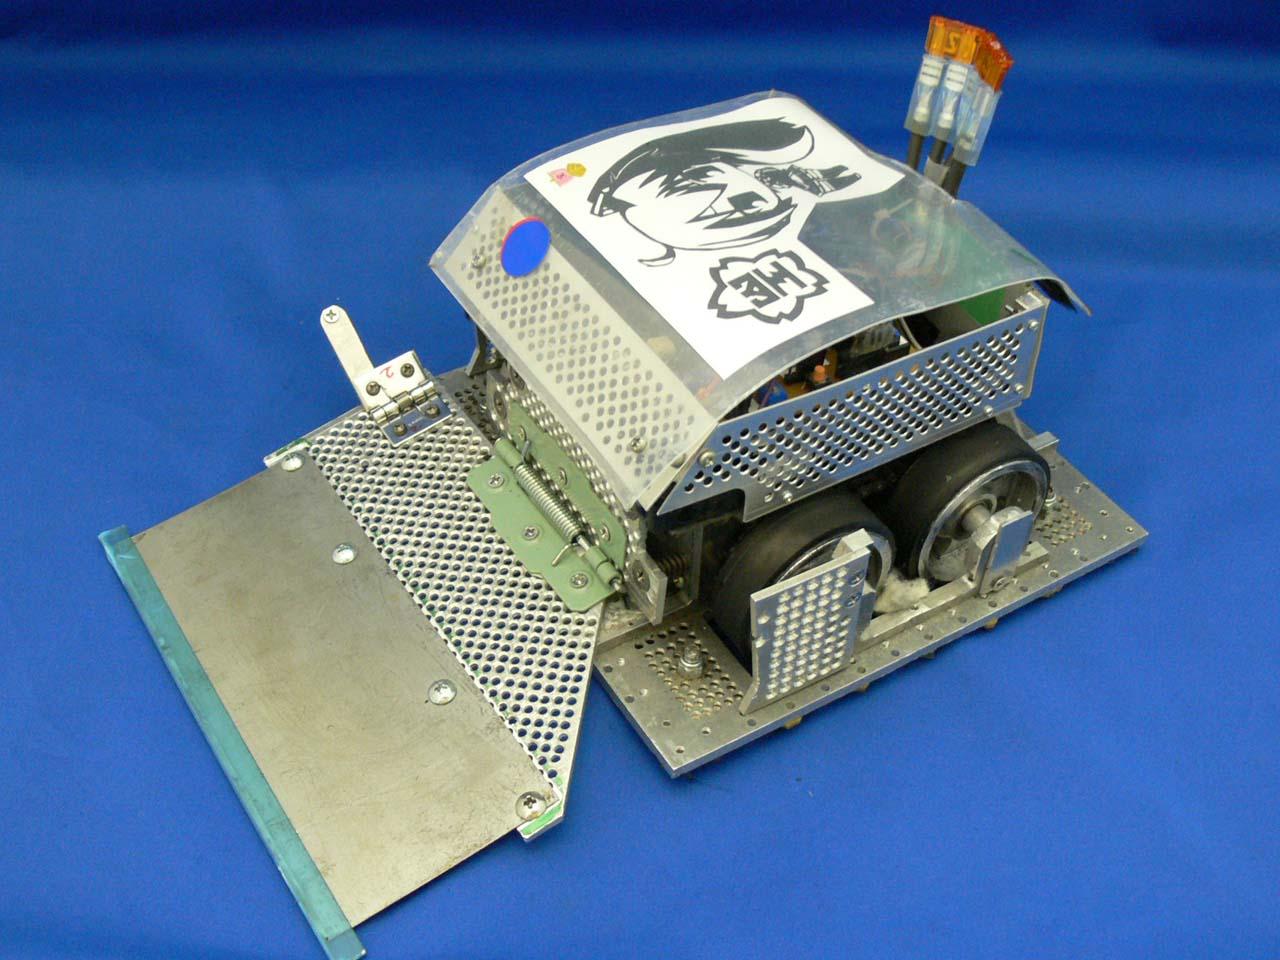 全日本ロボット相撲大会:第23回大会 全日本の部 全国大会出場者一覧・自立型 <全国大会出場者一